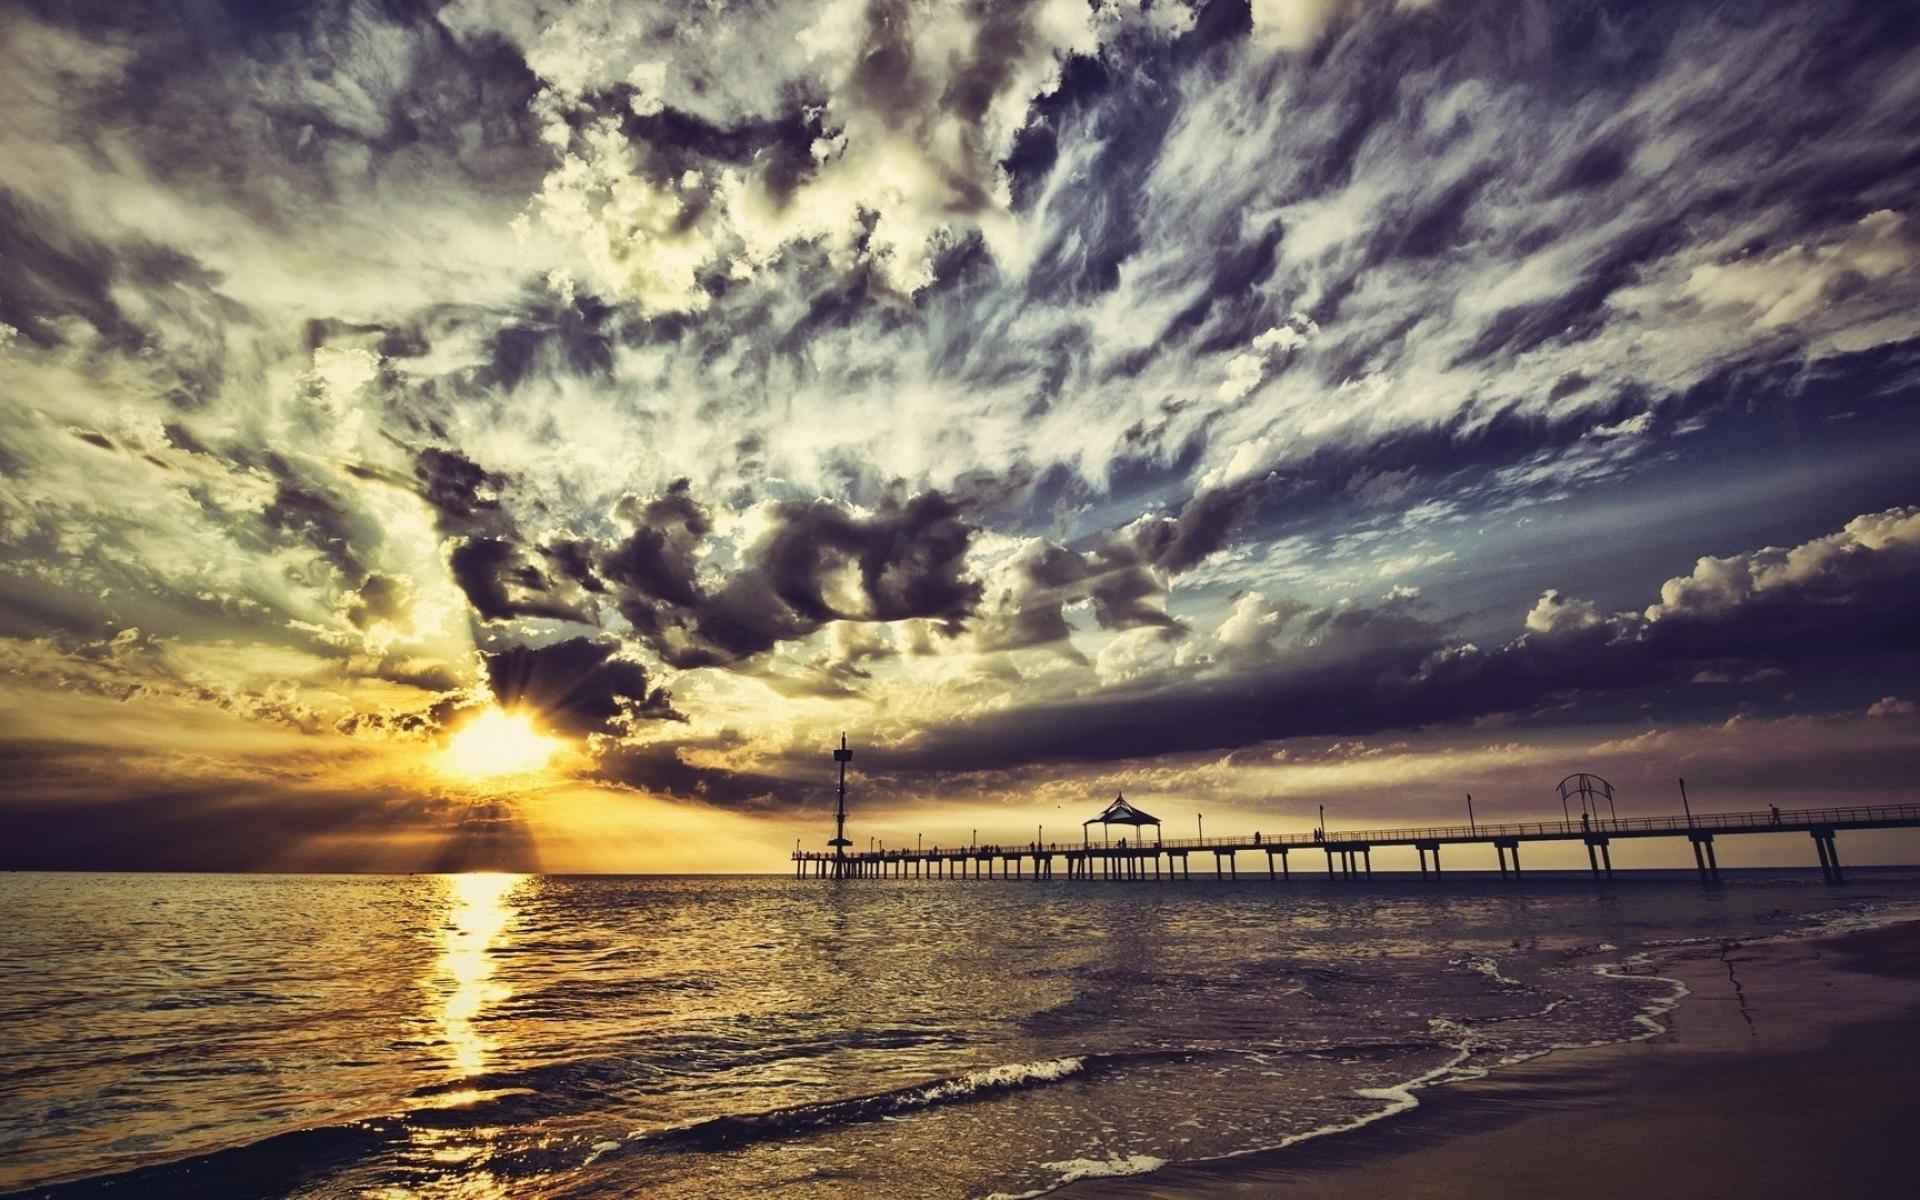 Картинки Пирс, небо, облака, цвета, краски, побережье, вечер фото и обои на рабочий стол